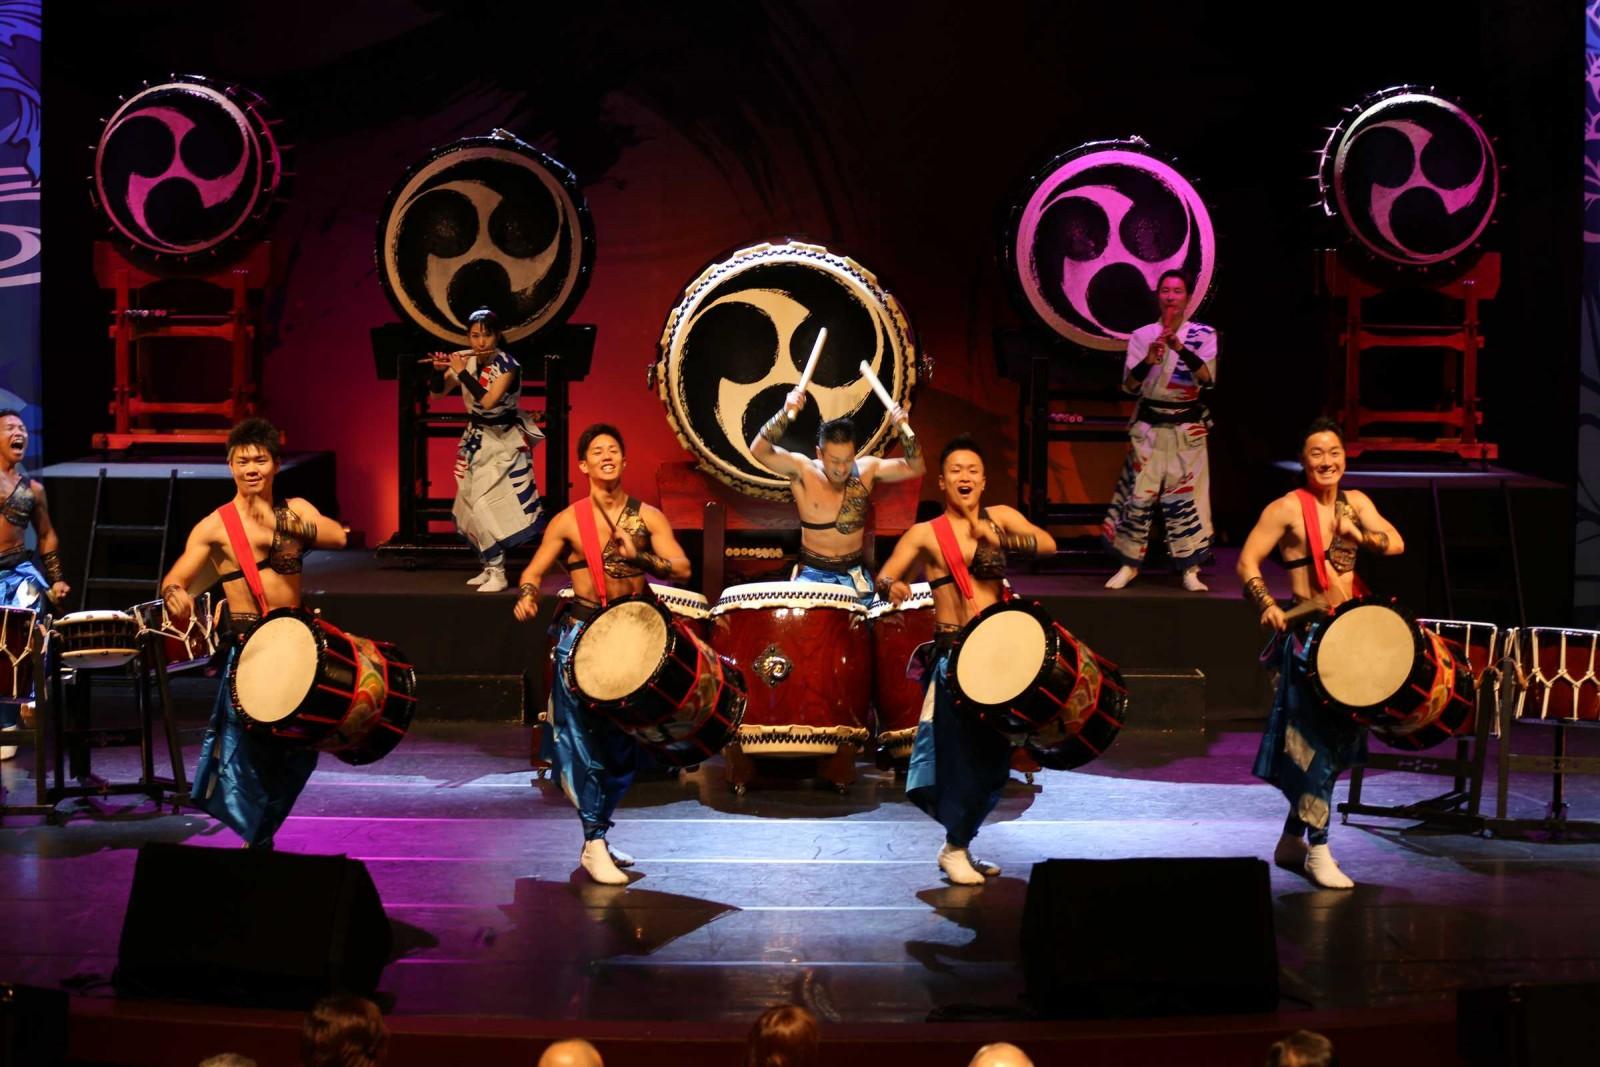 舞太鼓飛鳥組 舉辦行動音樂會